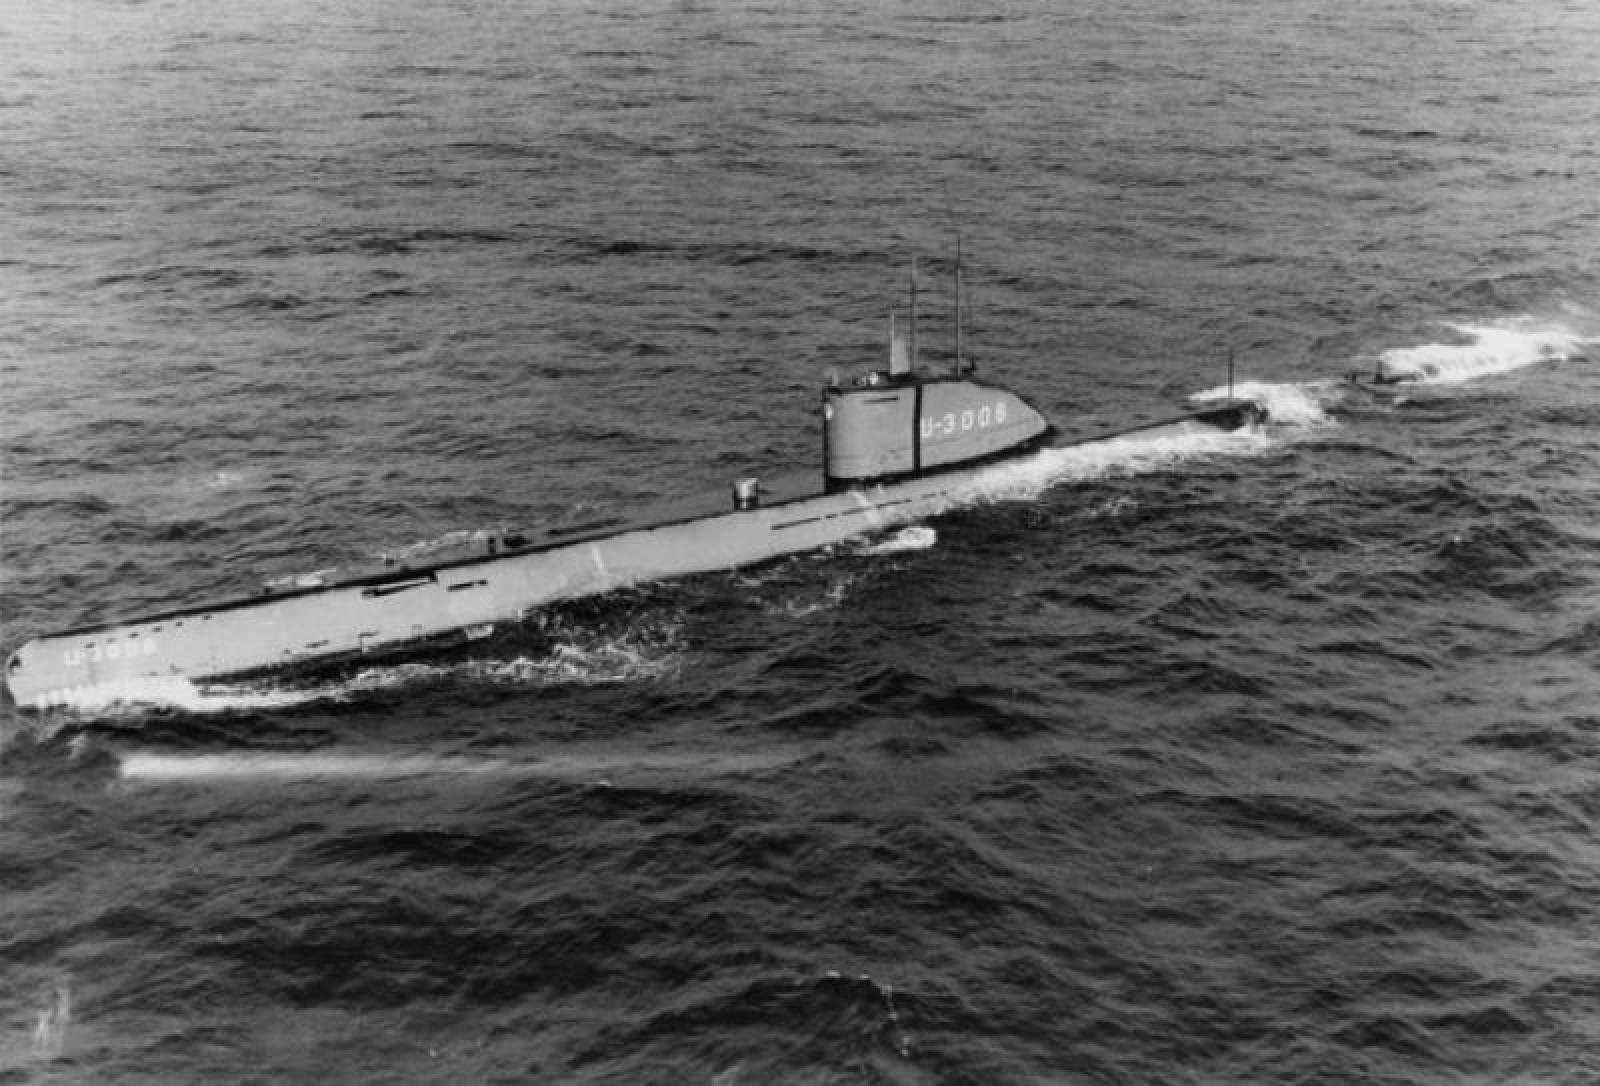 S-a sinucis sau nu Hitler? Submarin nazist uriaș găsit în Marea Nordului